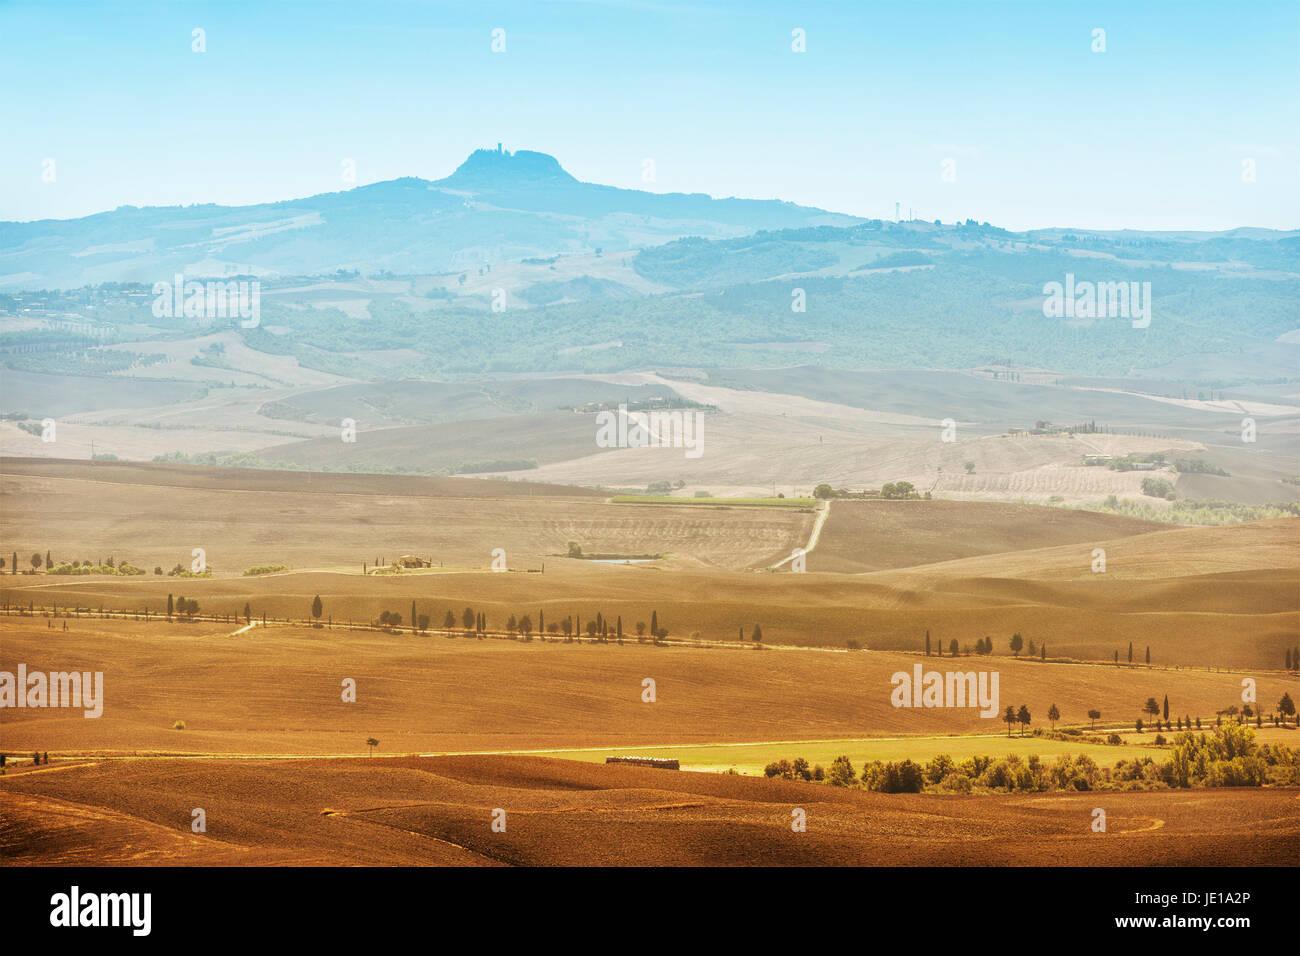 Zeigen Sie Formular Stadt Pienza zum Vulkan Monte Amiata in der Toskana, Italien an Stockfoto